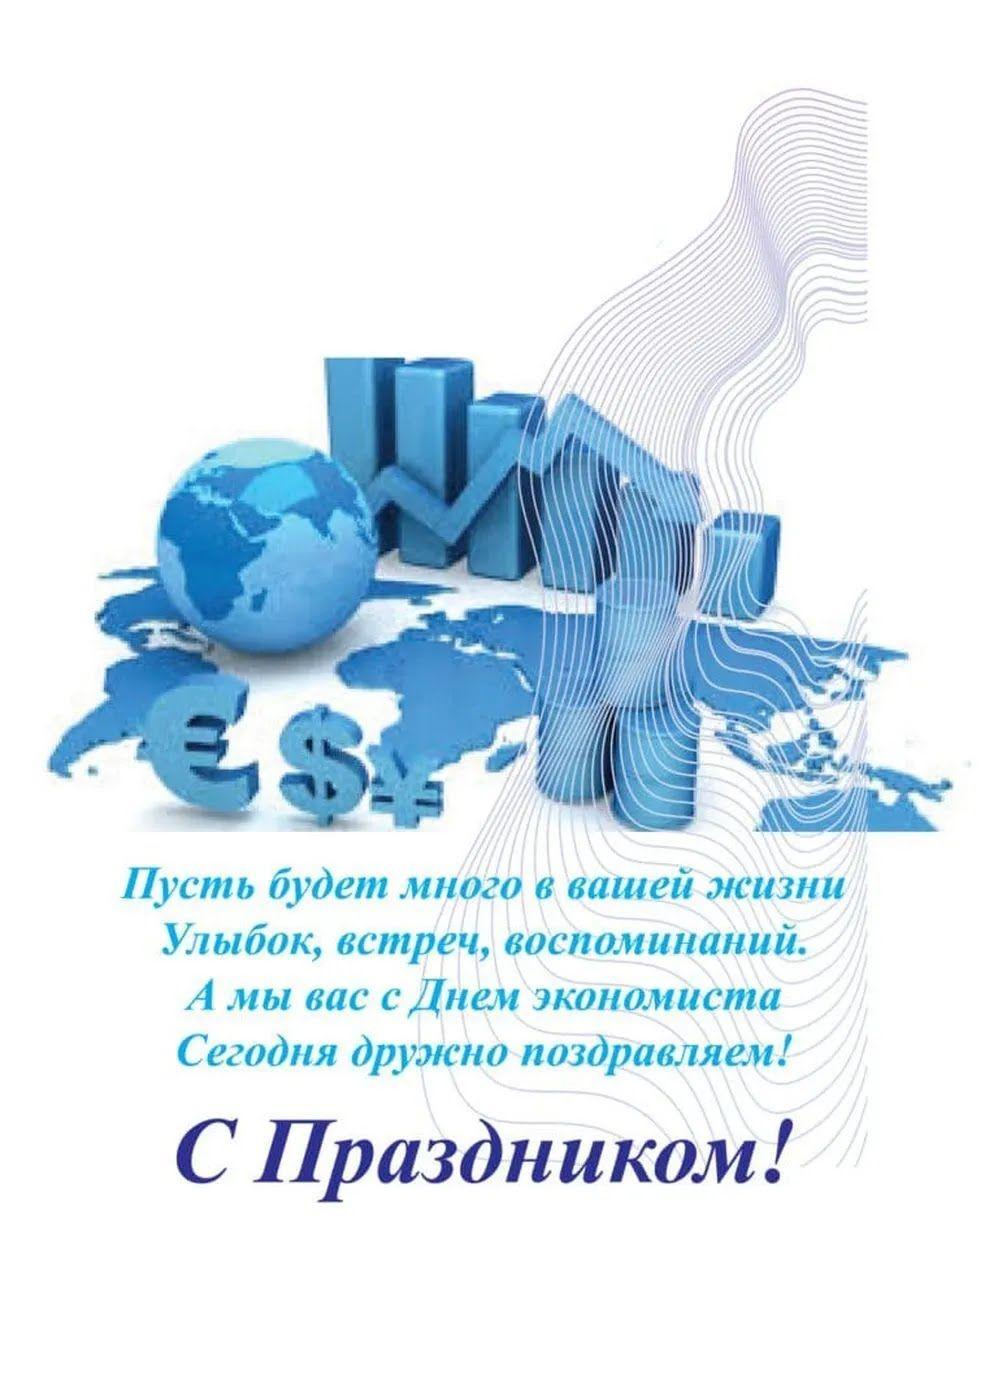 Листівка в День економіста